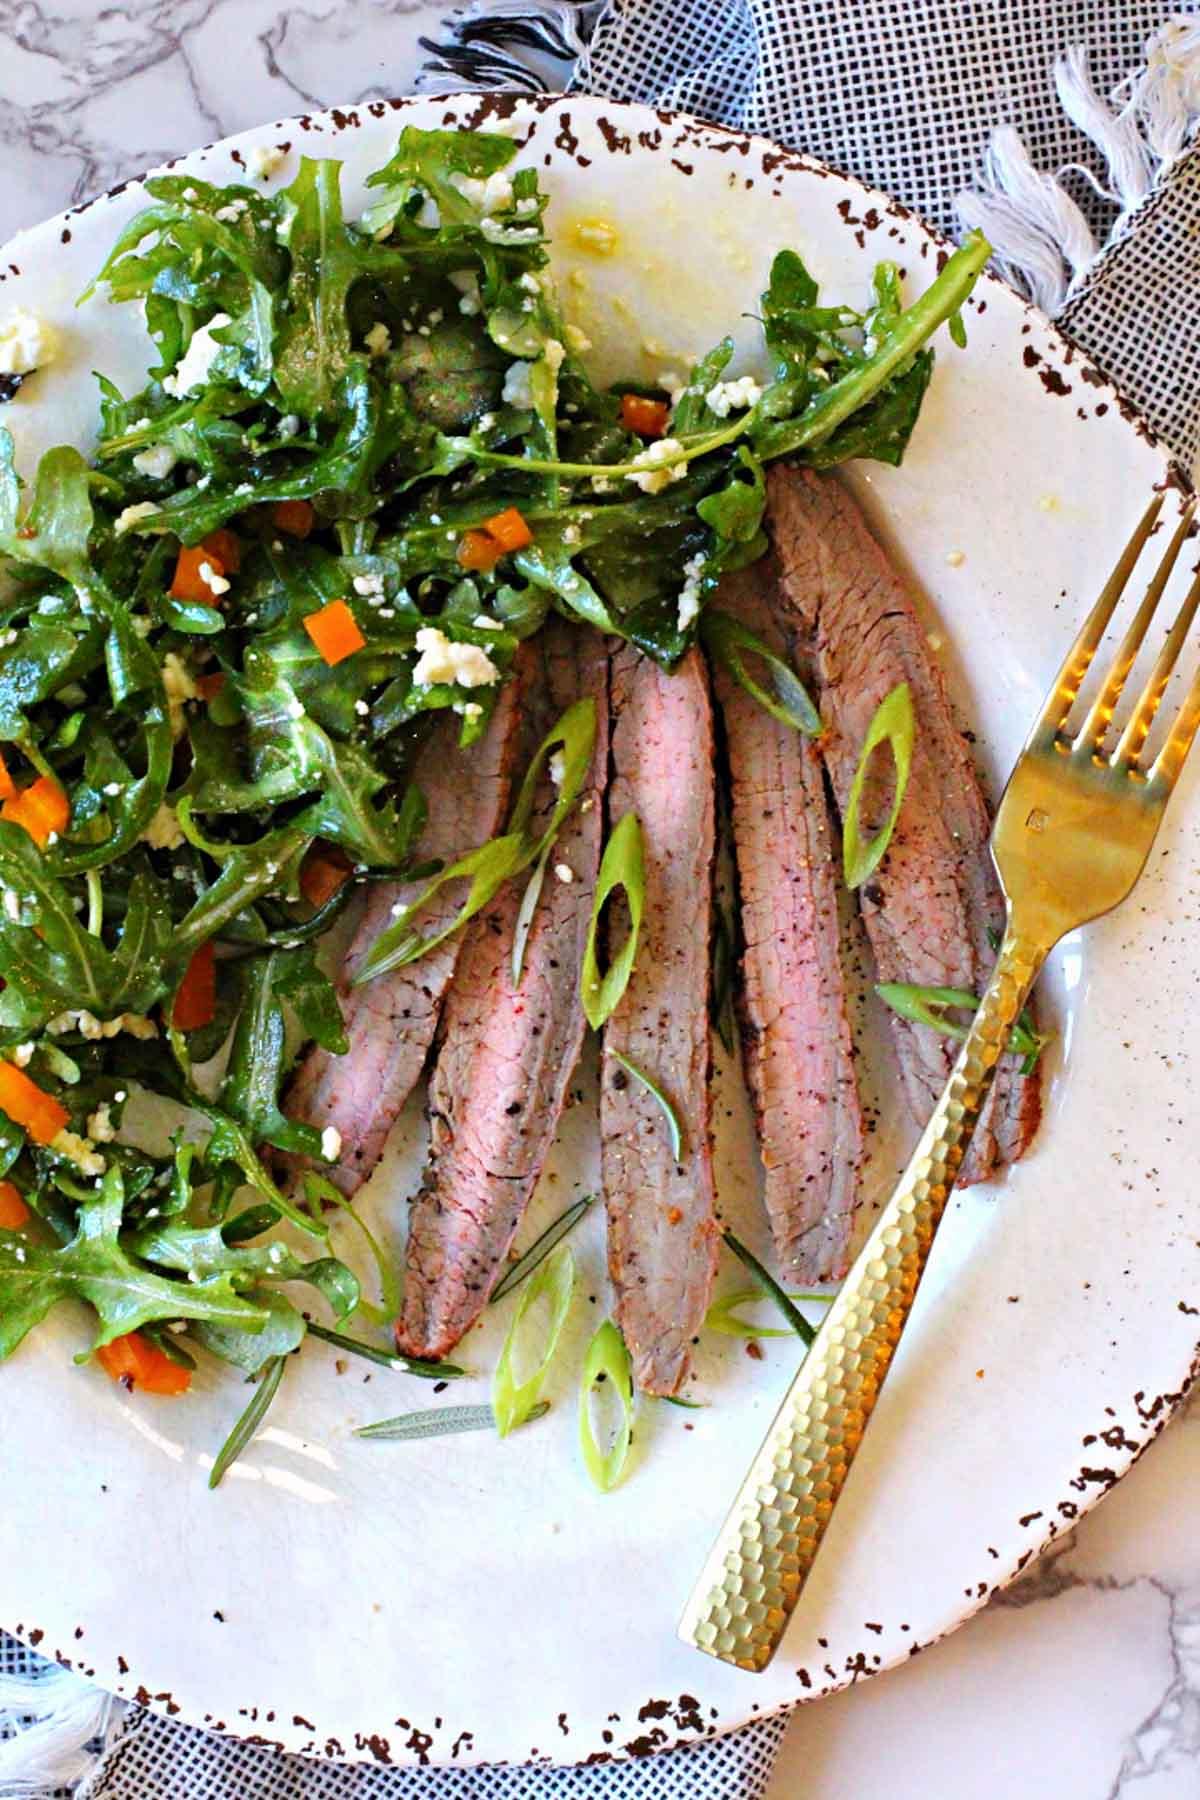 Sliced grilled flank steak served with a kale salad